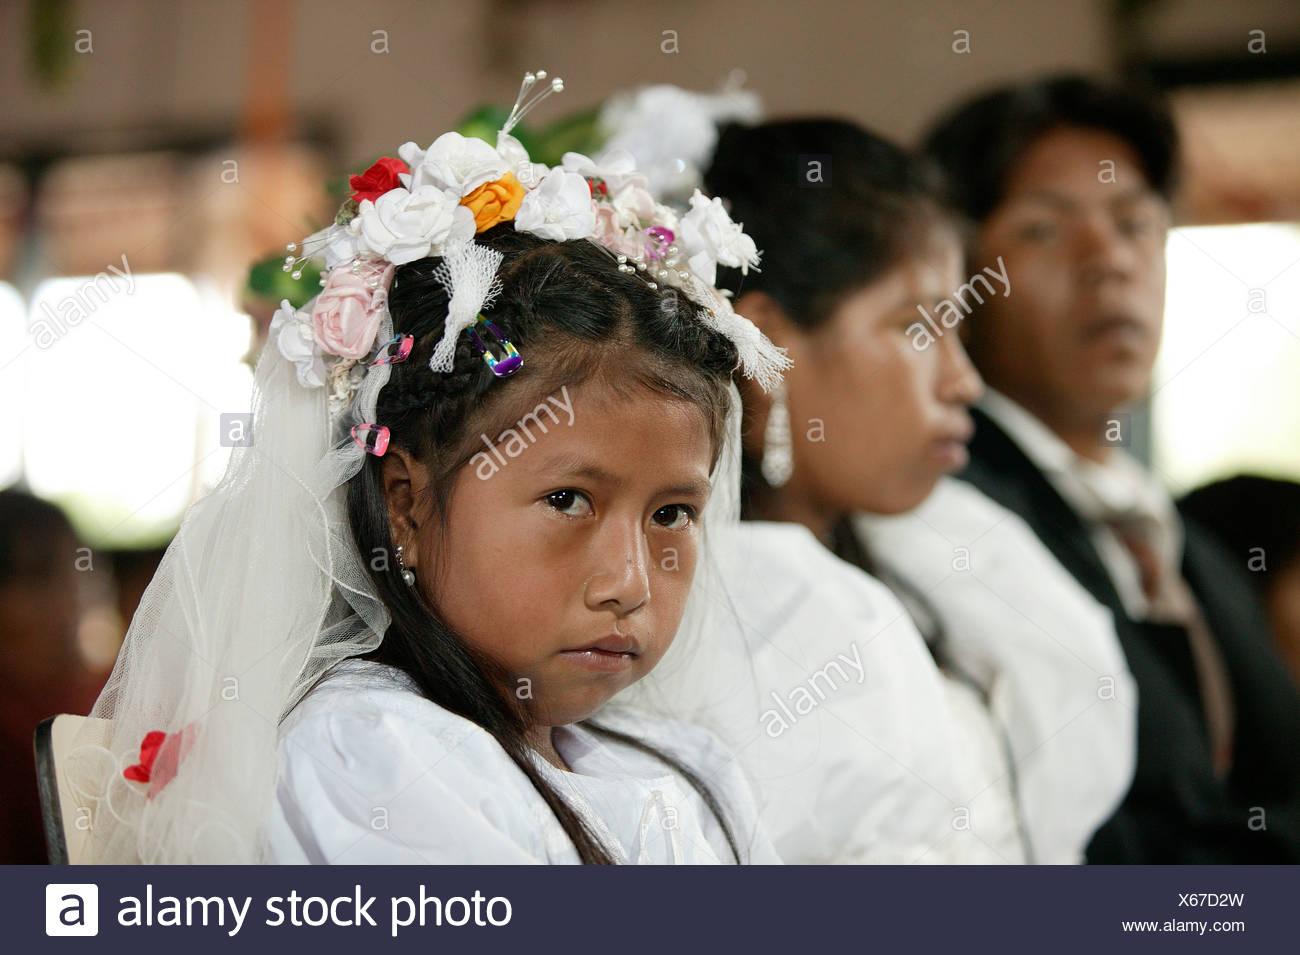 Braut Mit Blumenmadchen Indische Hochzeit Loma Plata Chaco